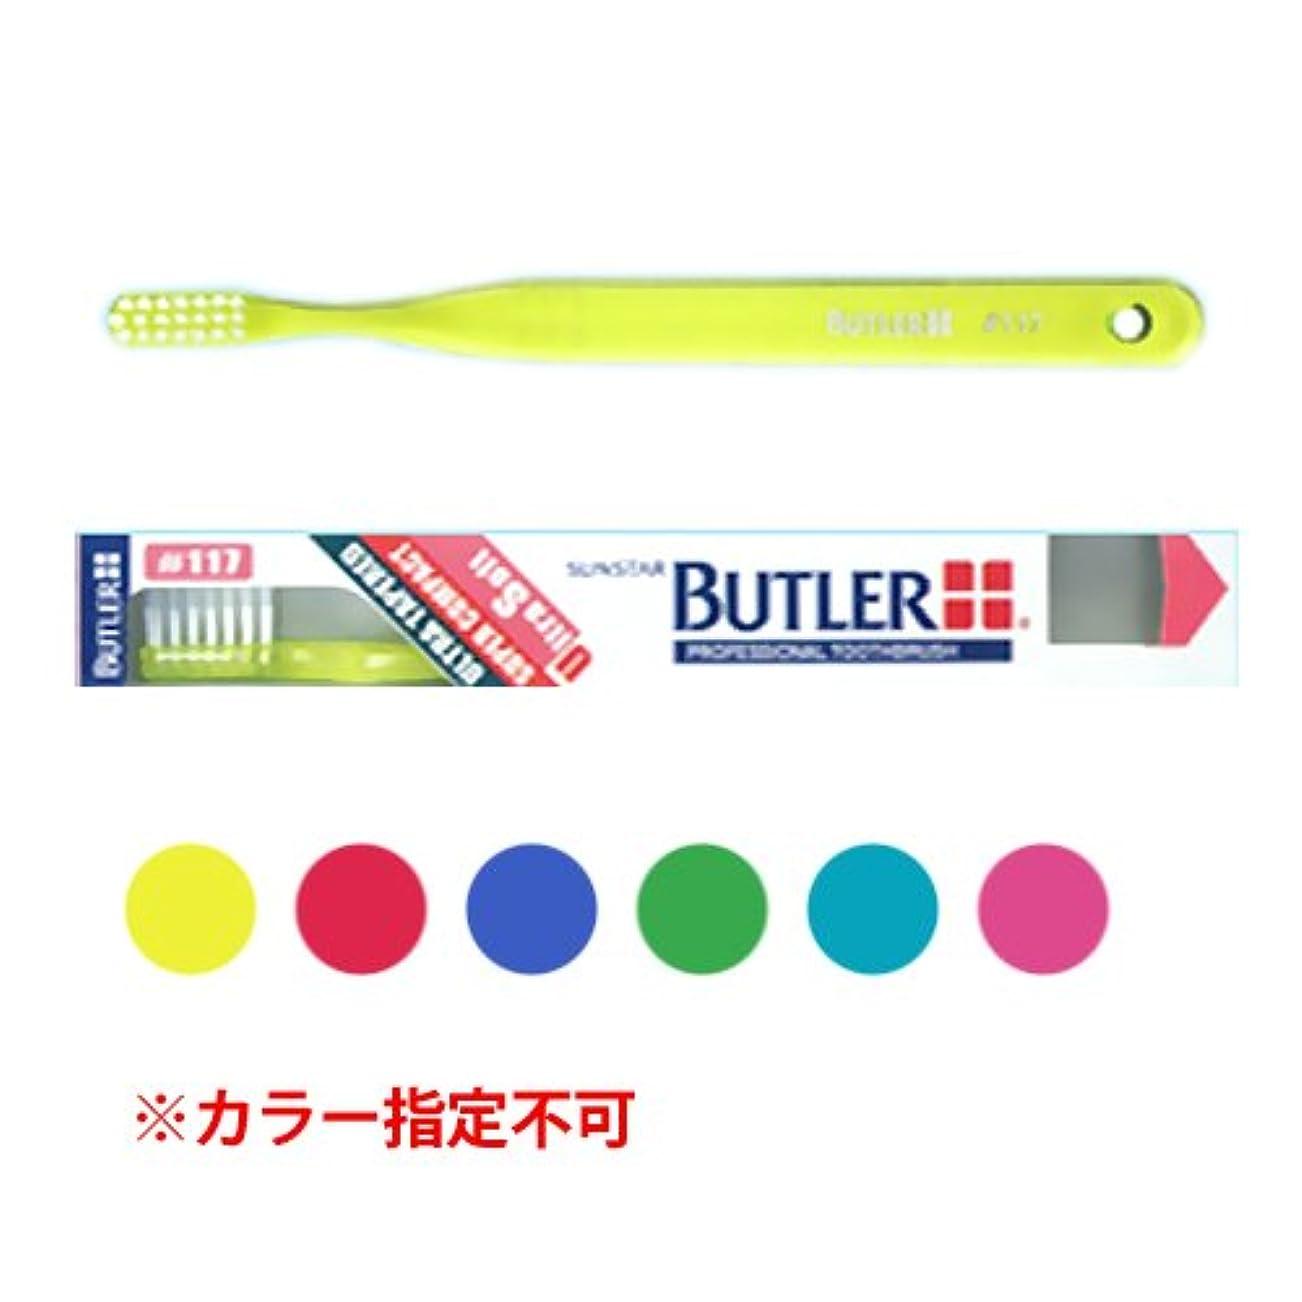 テニス香り曲線バトラー 歯ブラシ 1本 #117